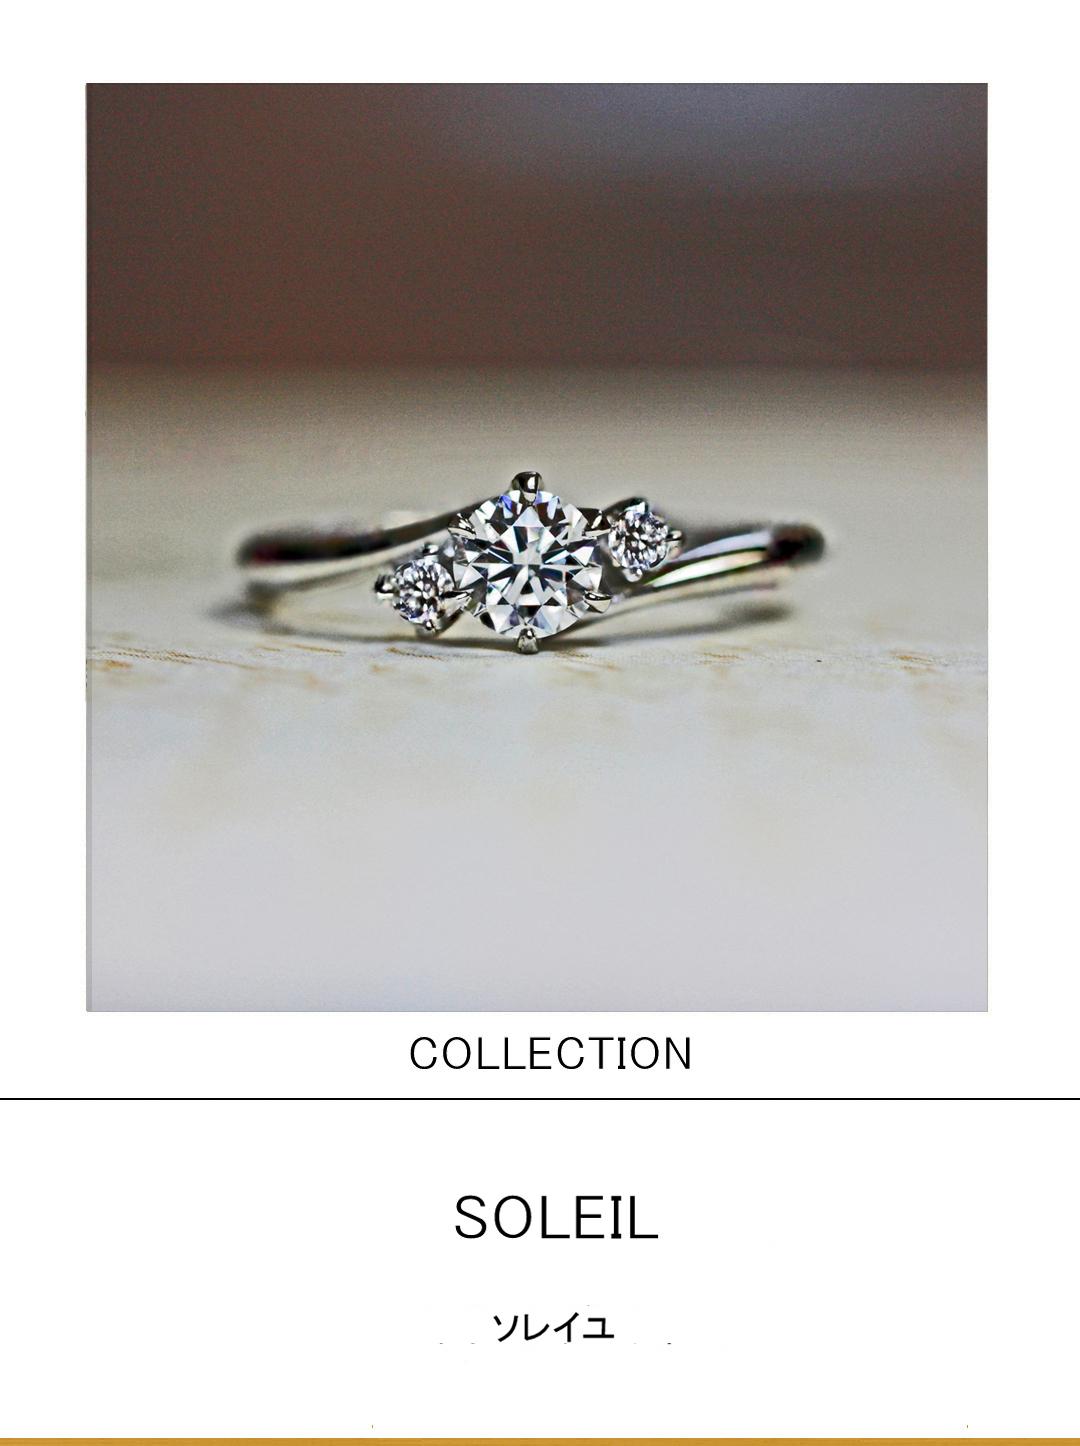 ダイヤモンドが太陽のようにデザインされた婚約指輪コレクションのサムネイル